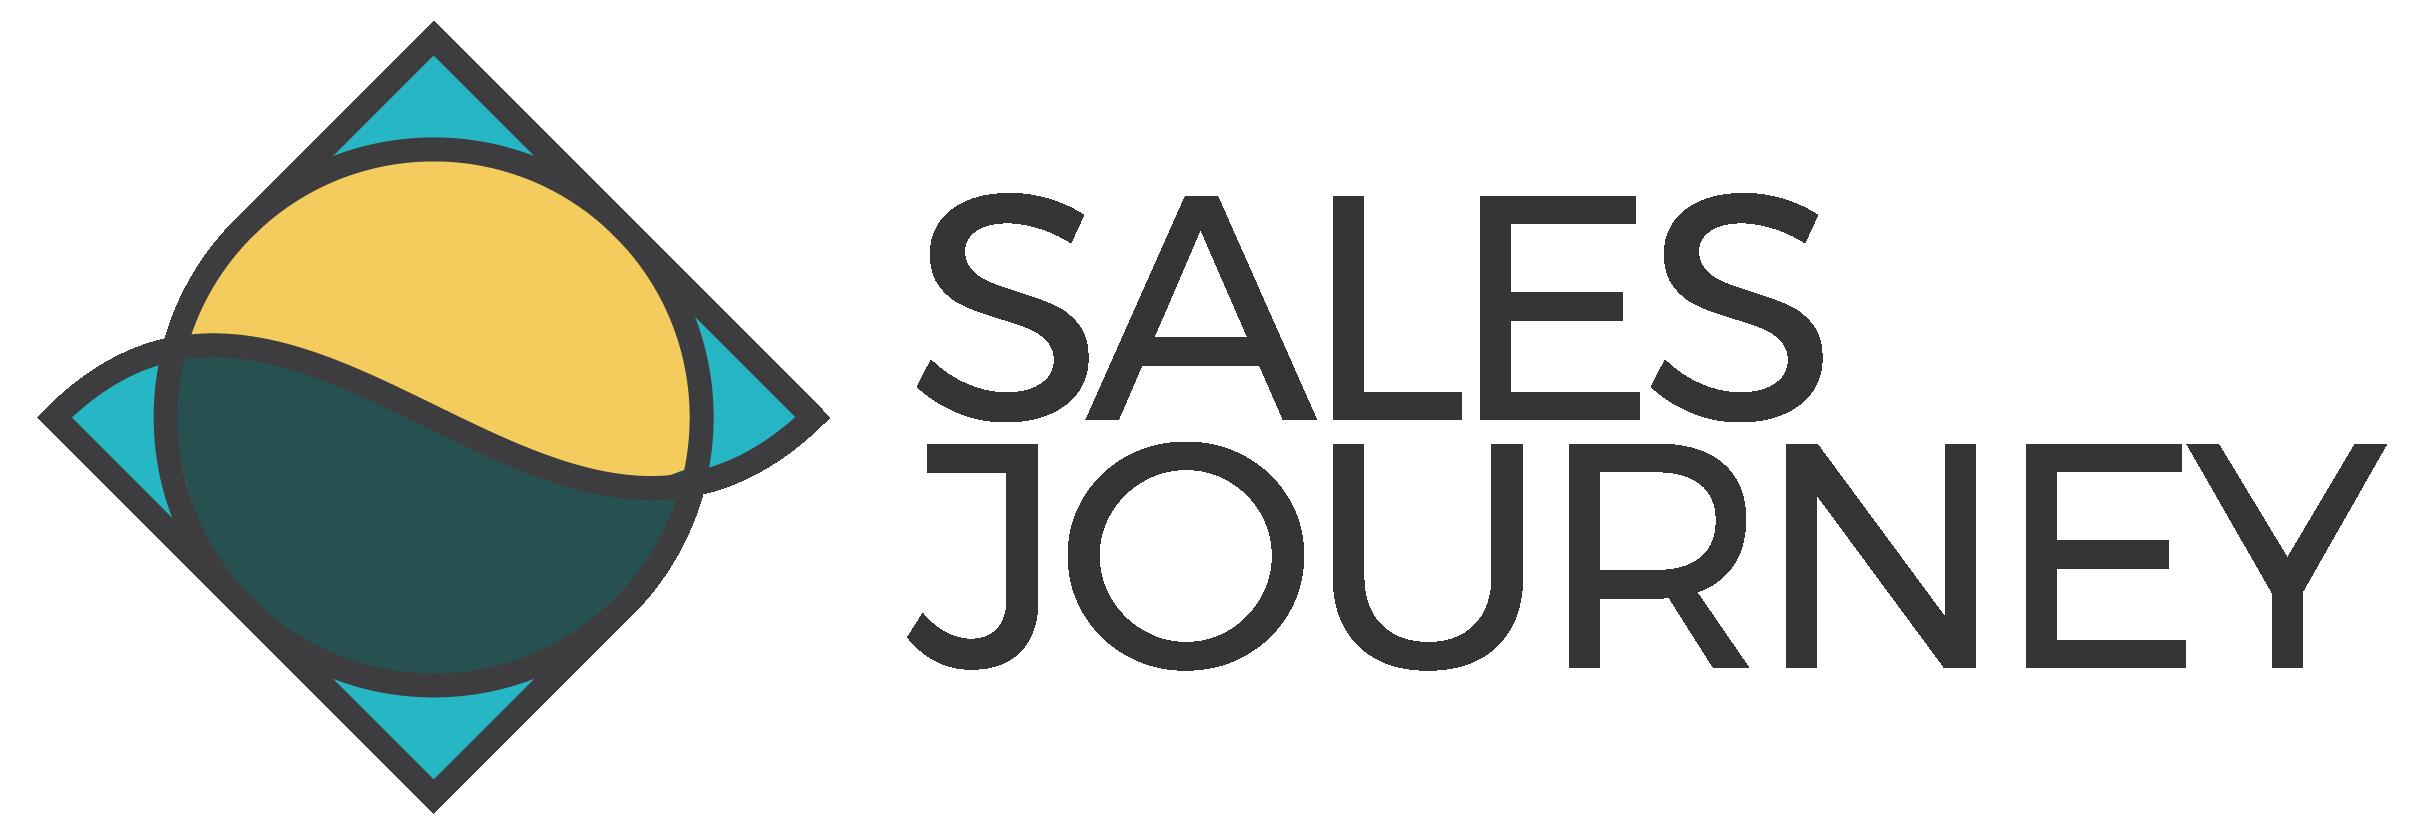 Sales Journey